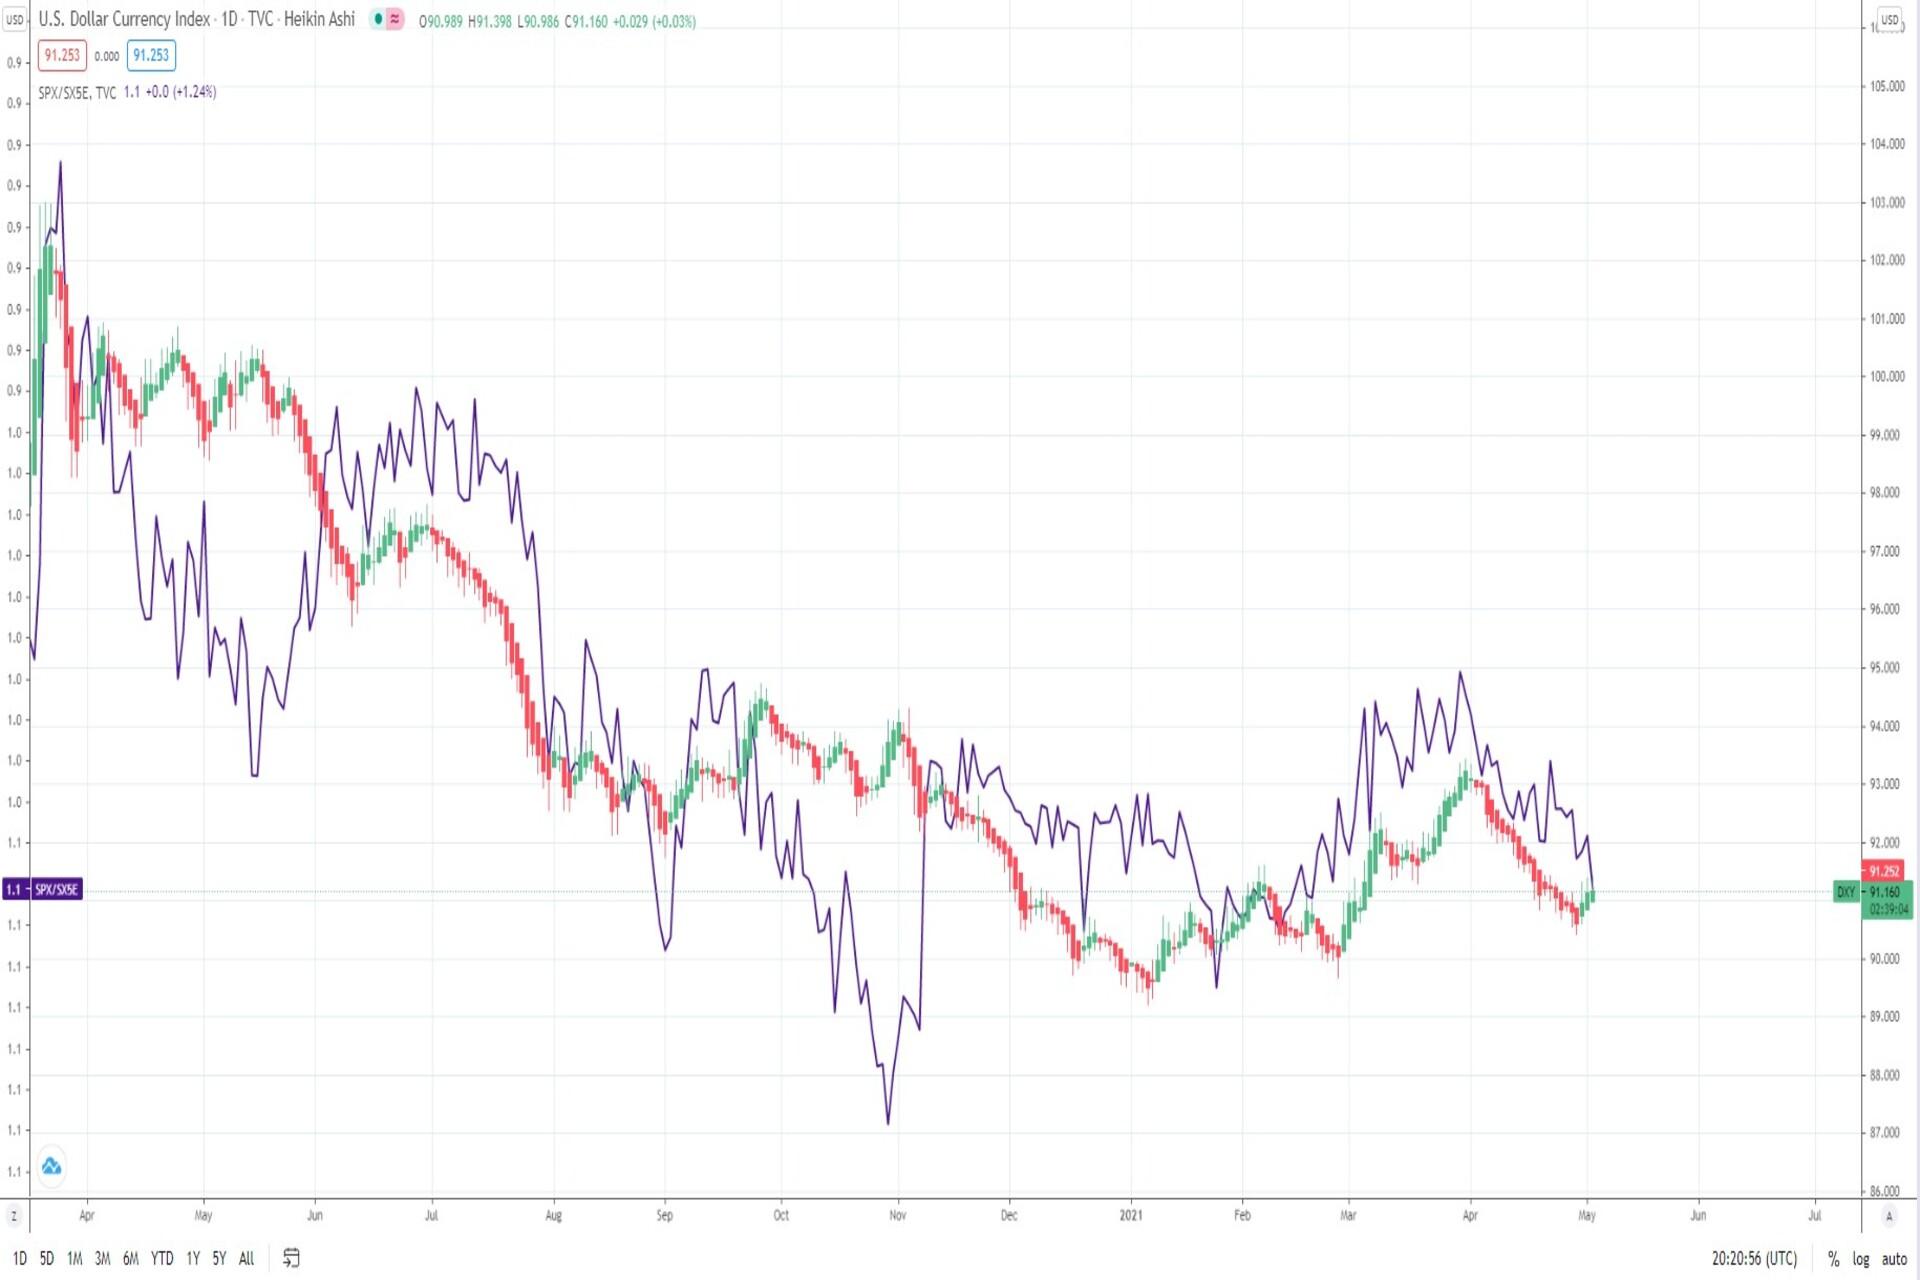 SP500 Eurostoxx50 ratio vs Dollar index